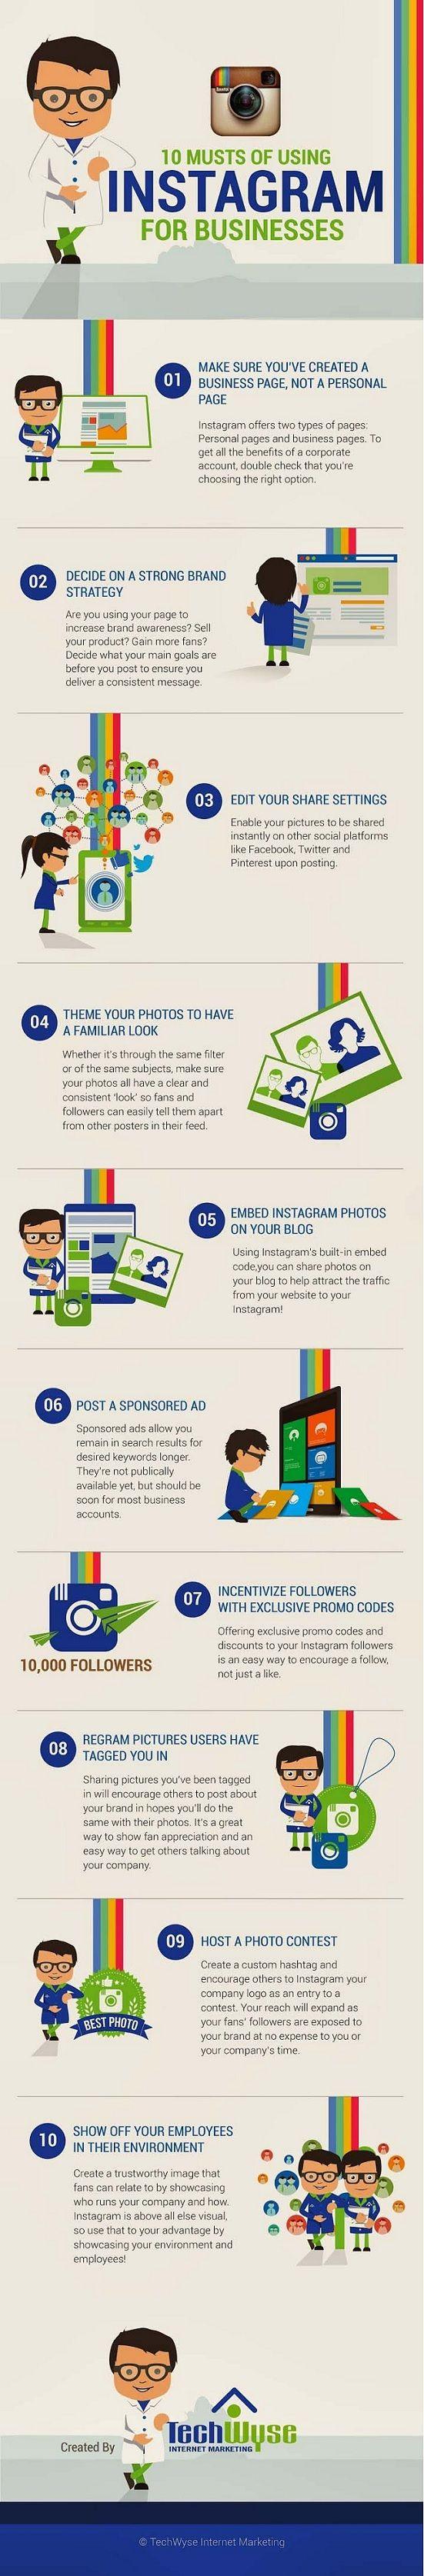 Instagram es la red social de mayor crecimiento, el 71% de las grades marcas ya la utilizan. ¿Cómo utilizan las marcas Instagram?